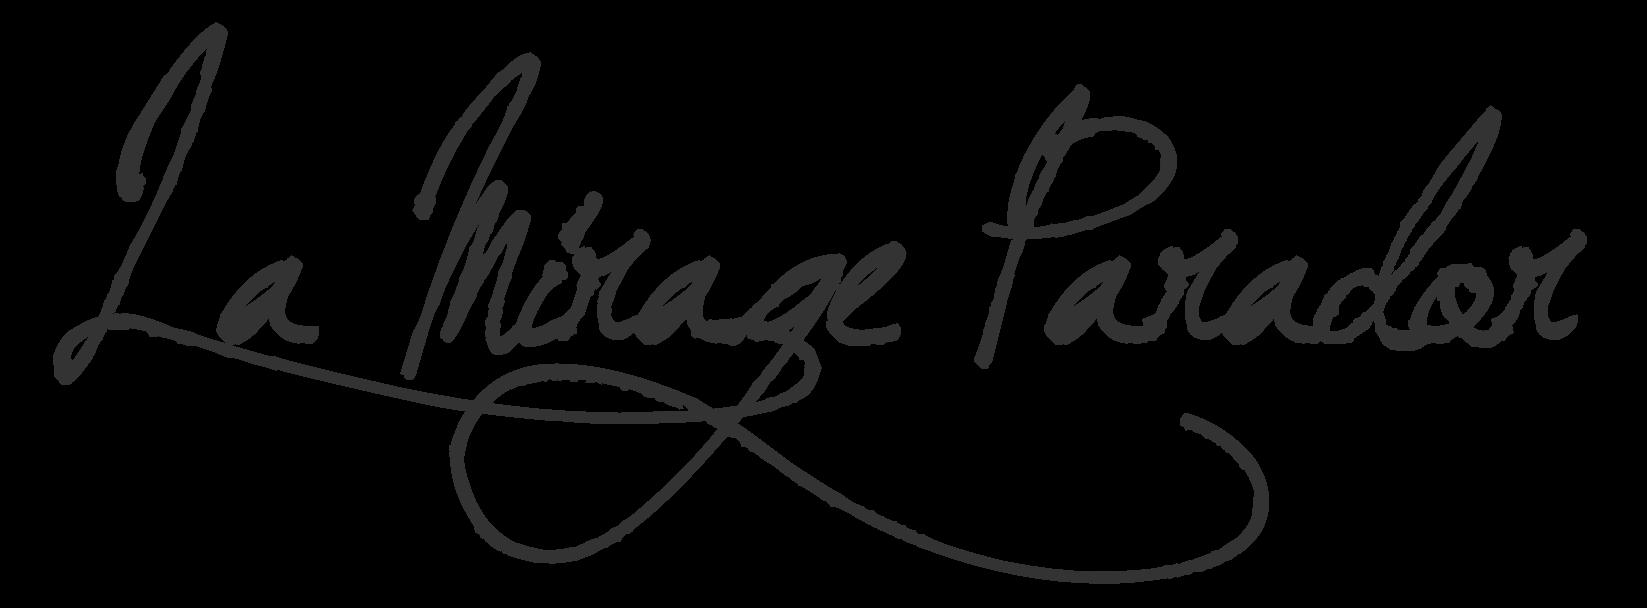 La Mirage Parador